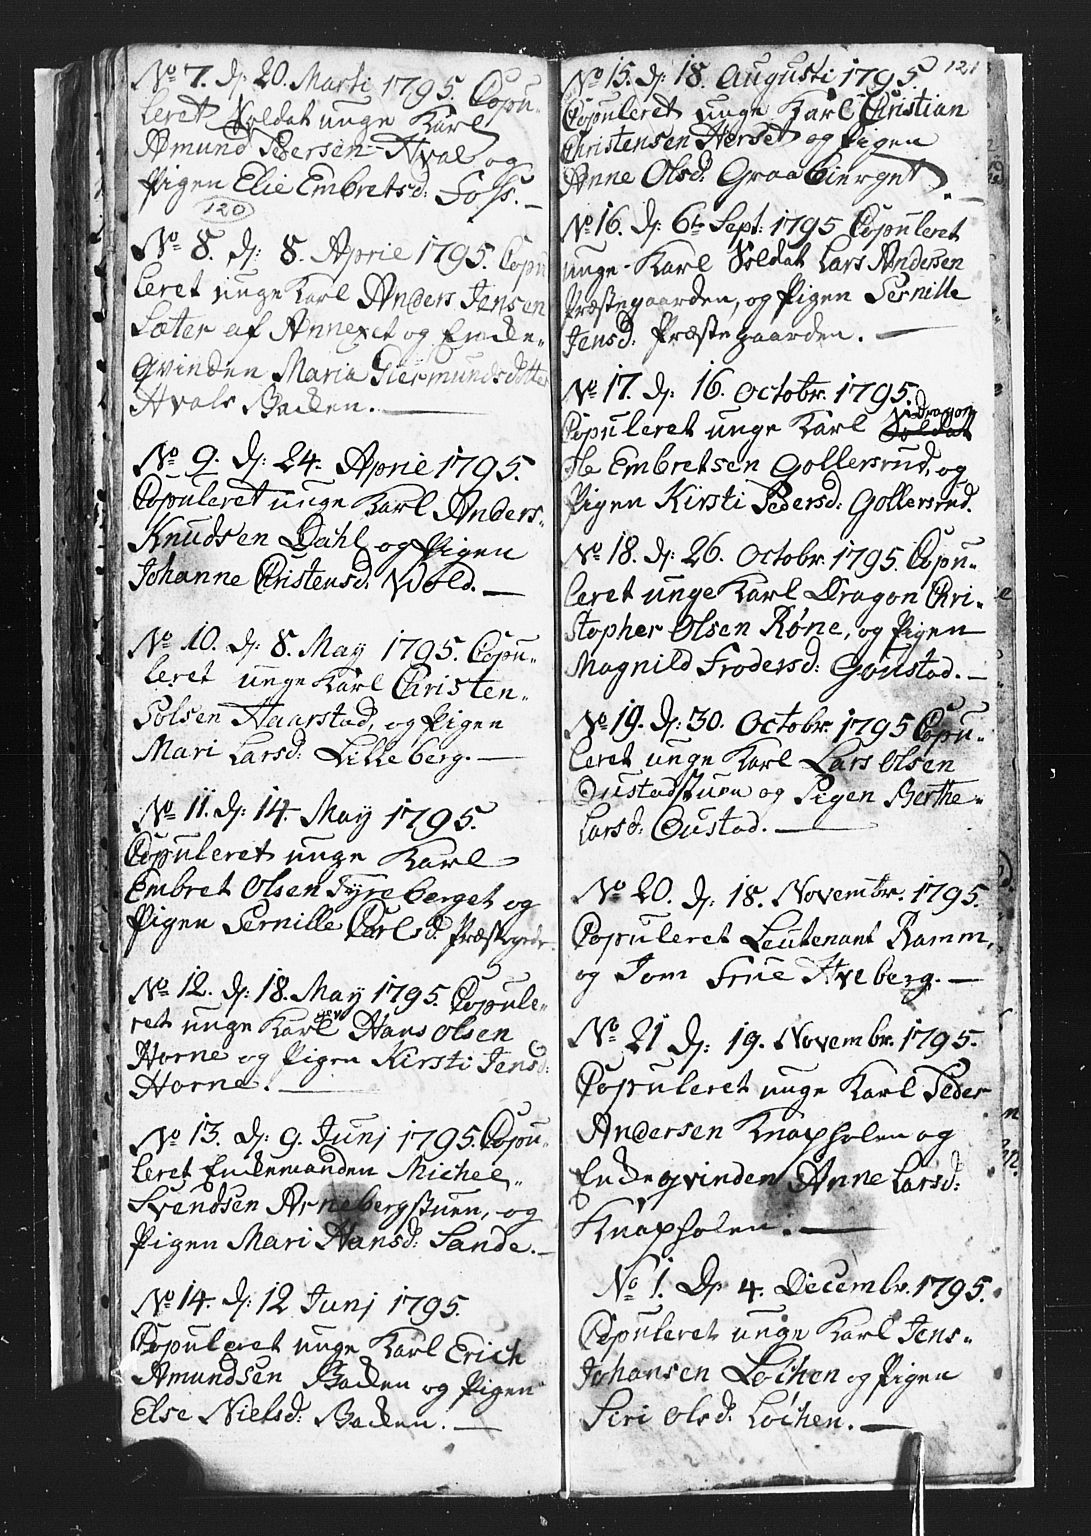 SAH, Romedal prestekontor, L/L0002: Klokkerbok nr. 2, 1795-1800, s. 120-121